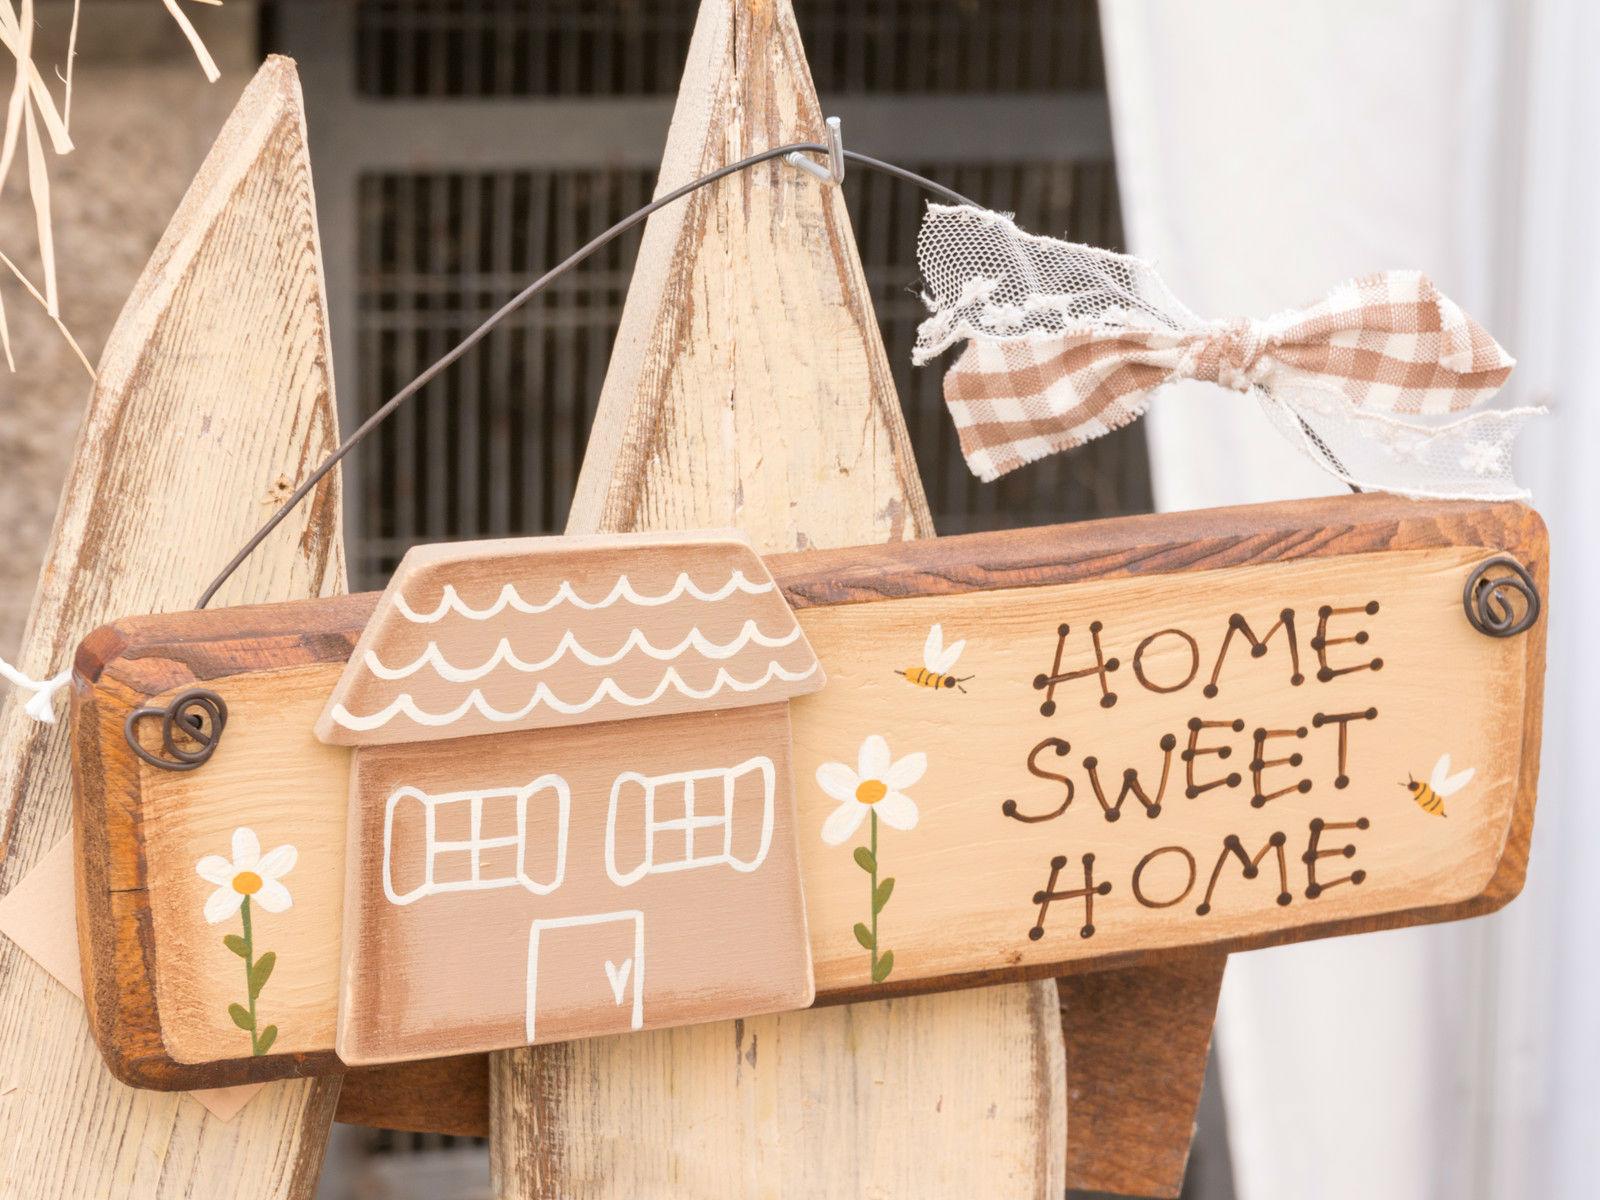 Decora tu casa con estas ideas low cost blog de dia - Decora tu casa barato ...